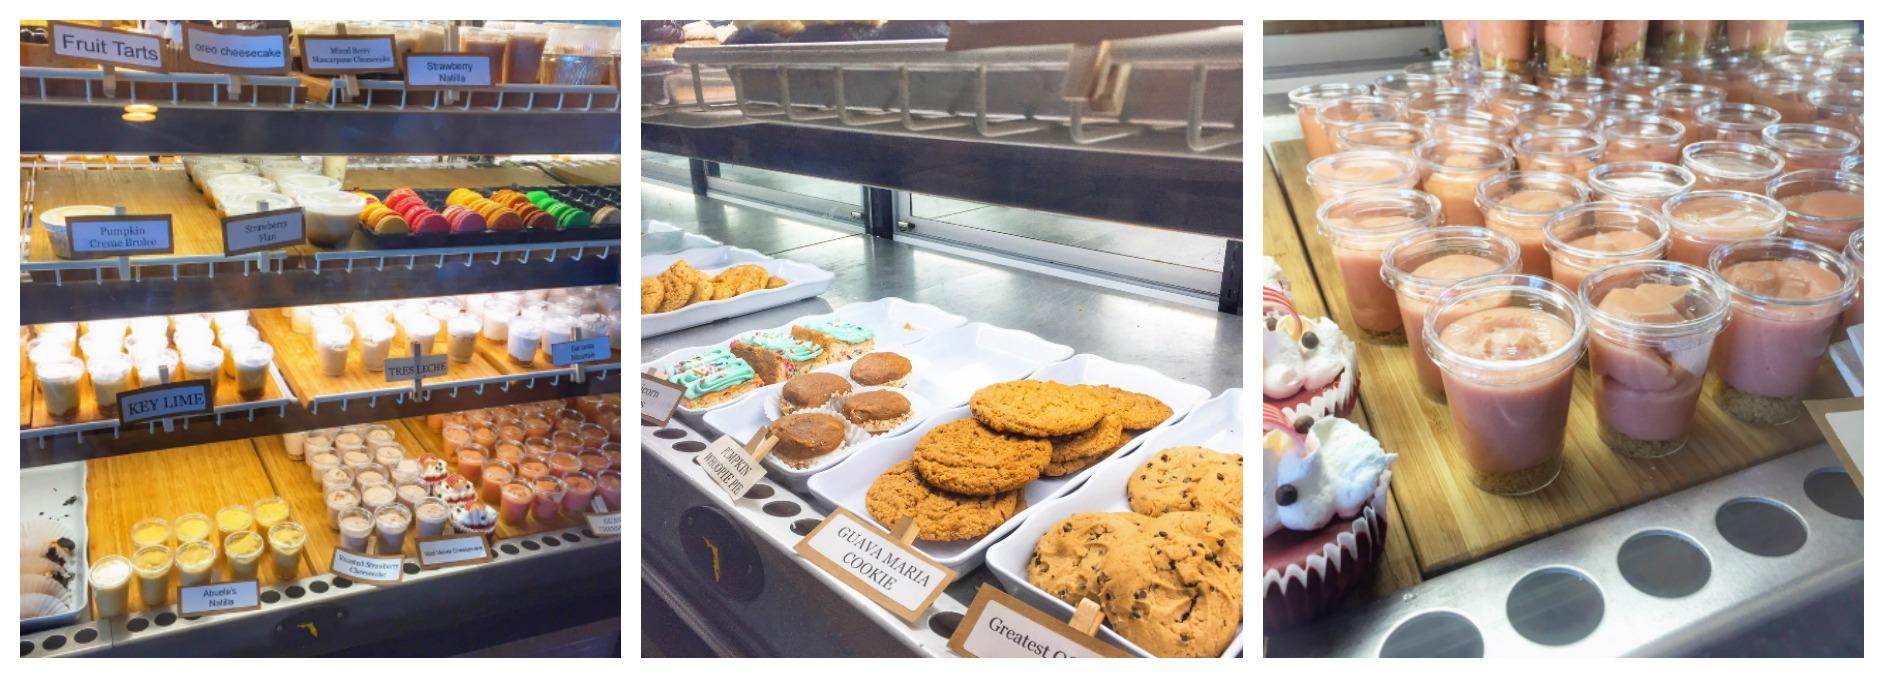 Sweetness Bakeshop Miami Cases